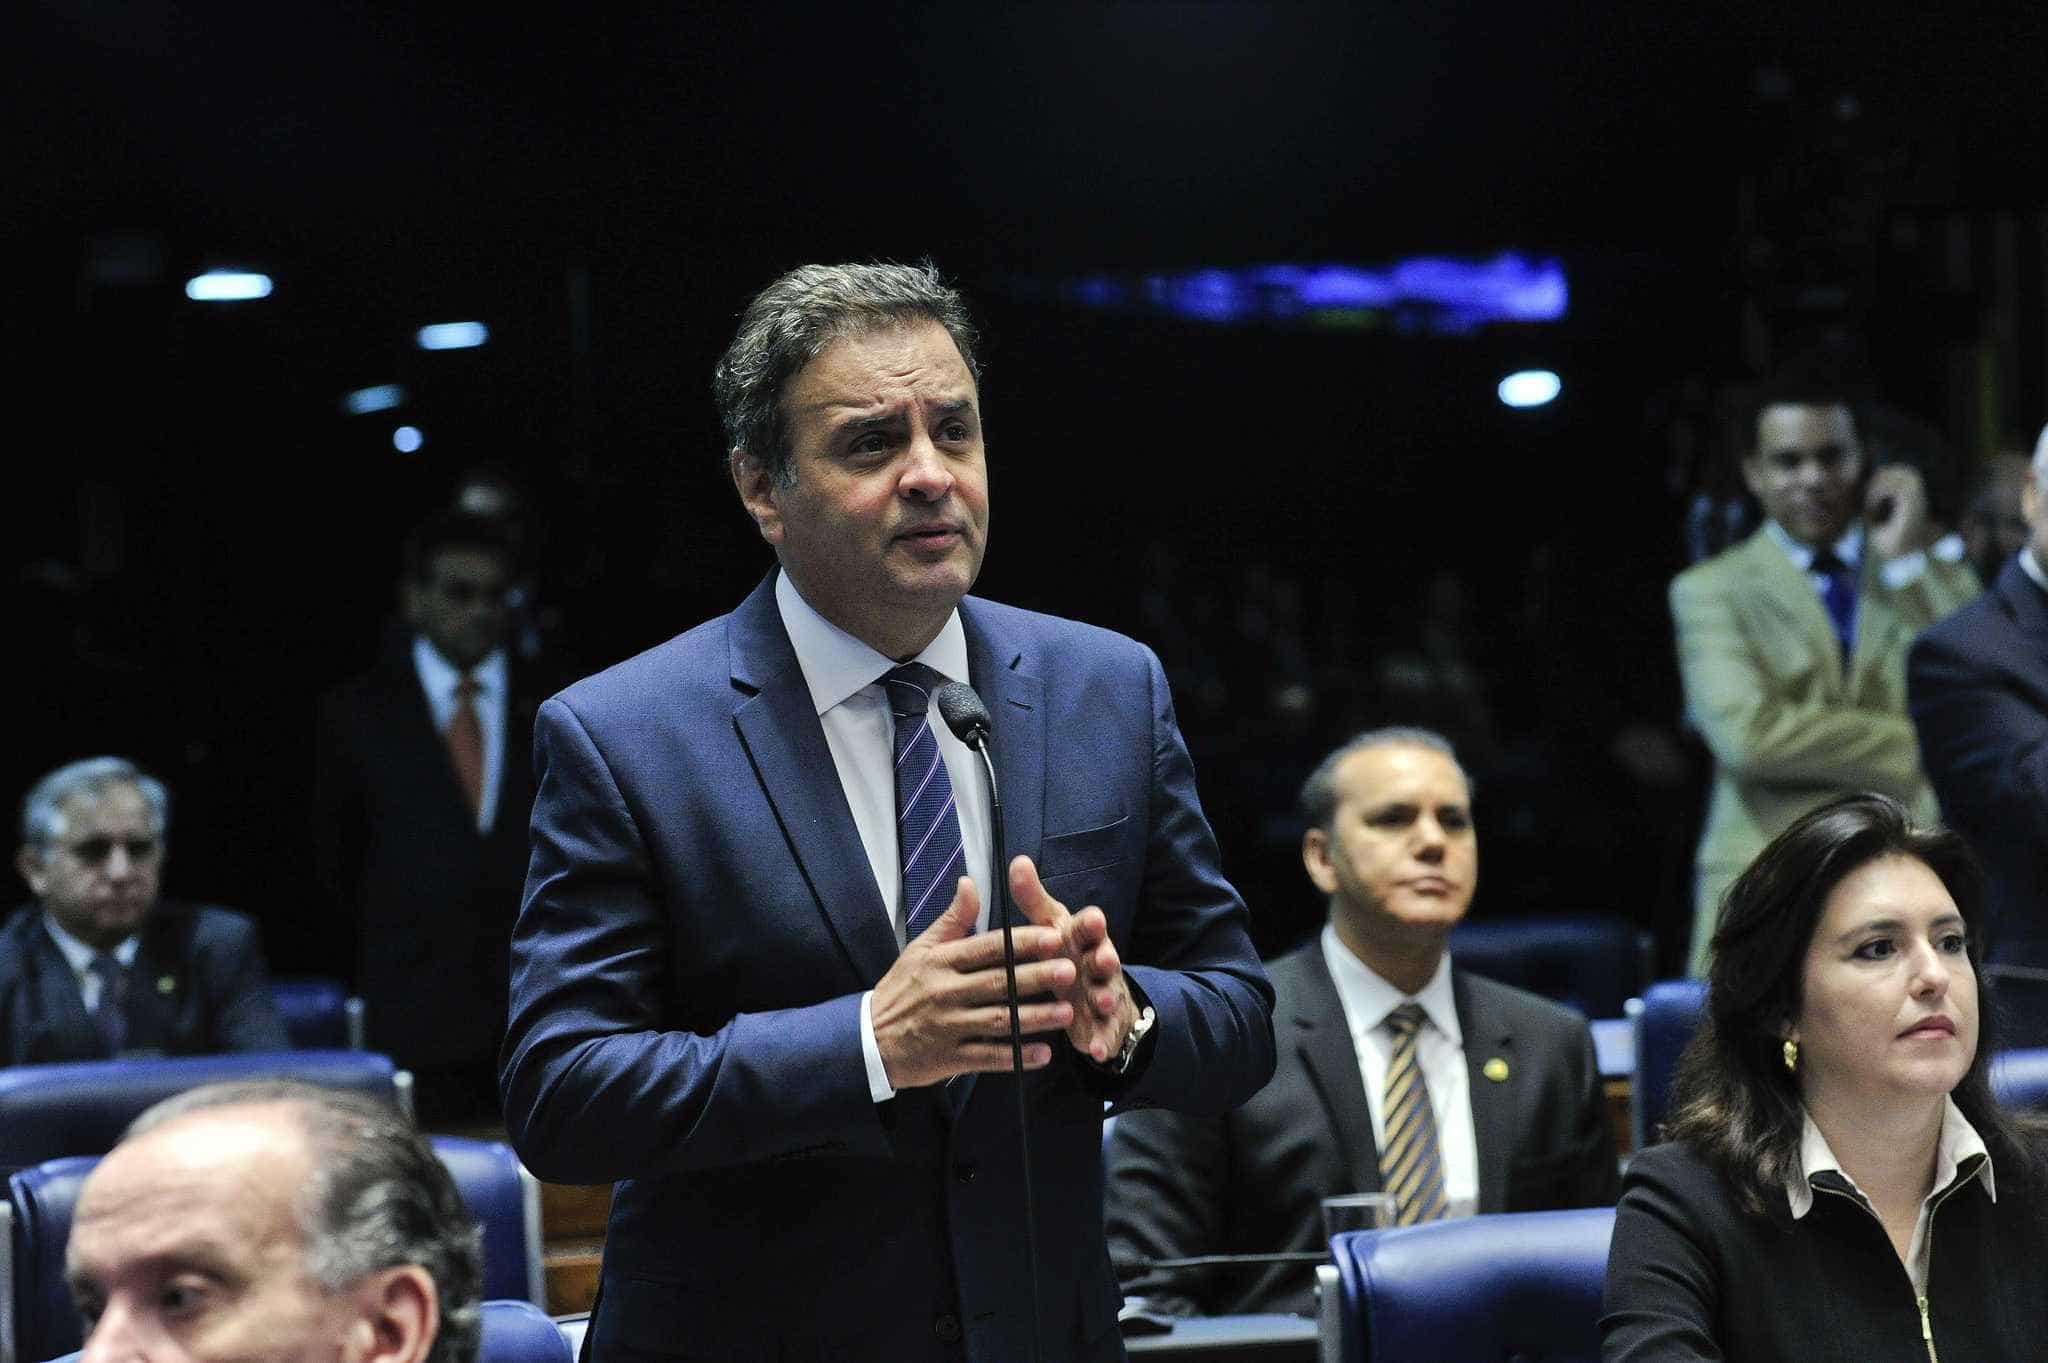 É preciso pacificar forças políticas após a votação, diz Aécio